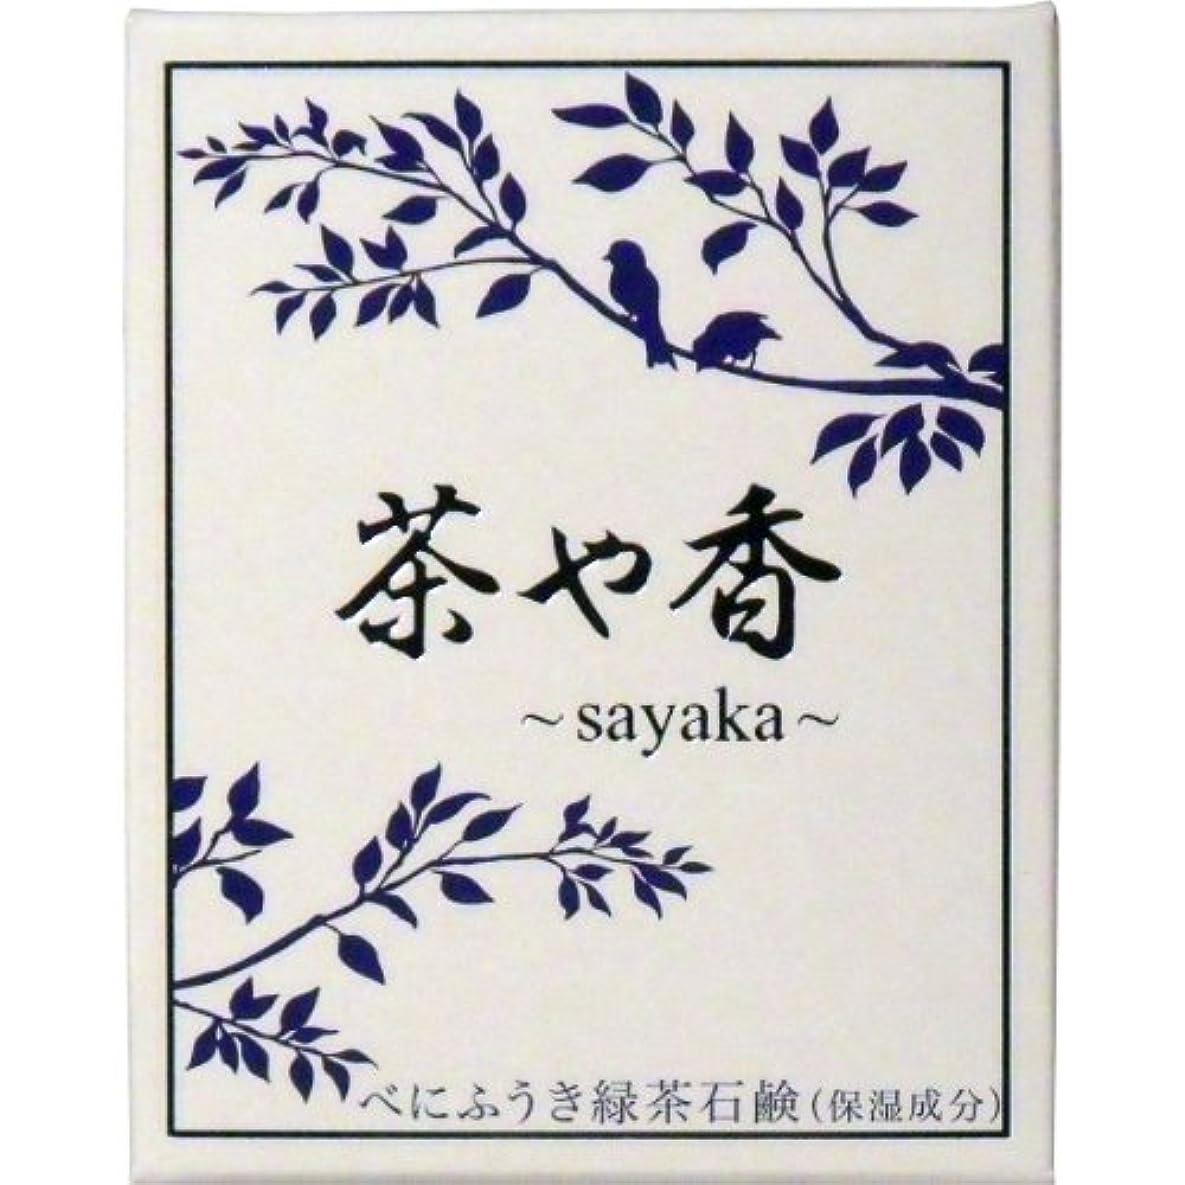 パーセント耳ソース茶や香 -sayaka- べにふうき緑茶石鹸 100g入 ×10個セット